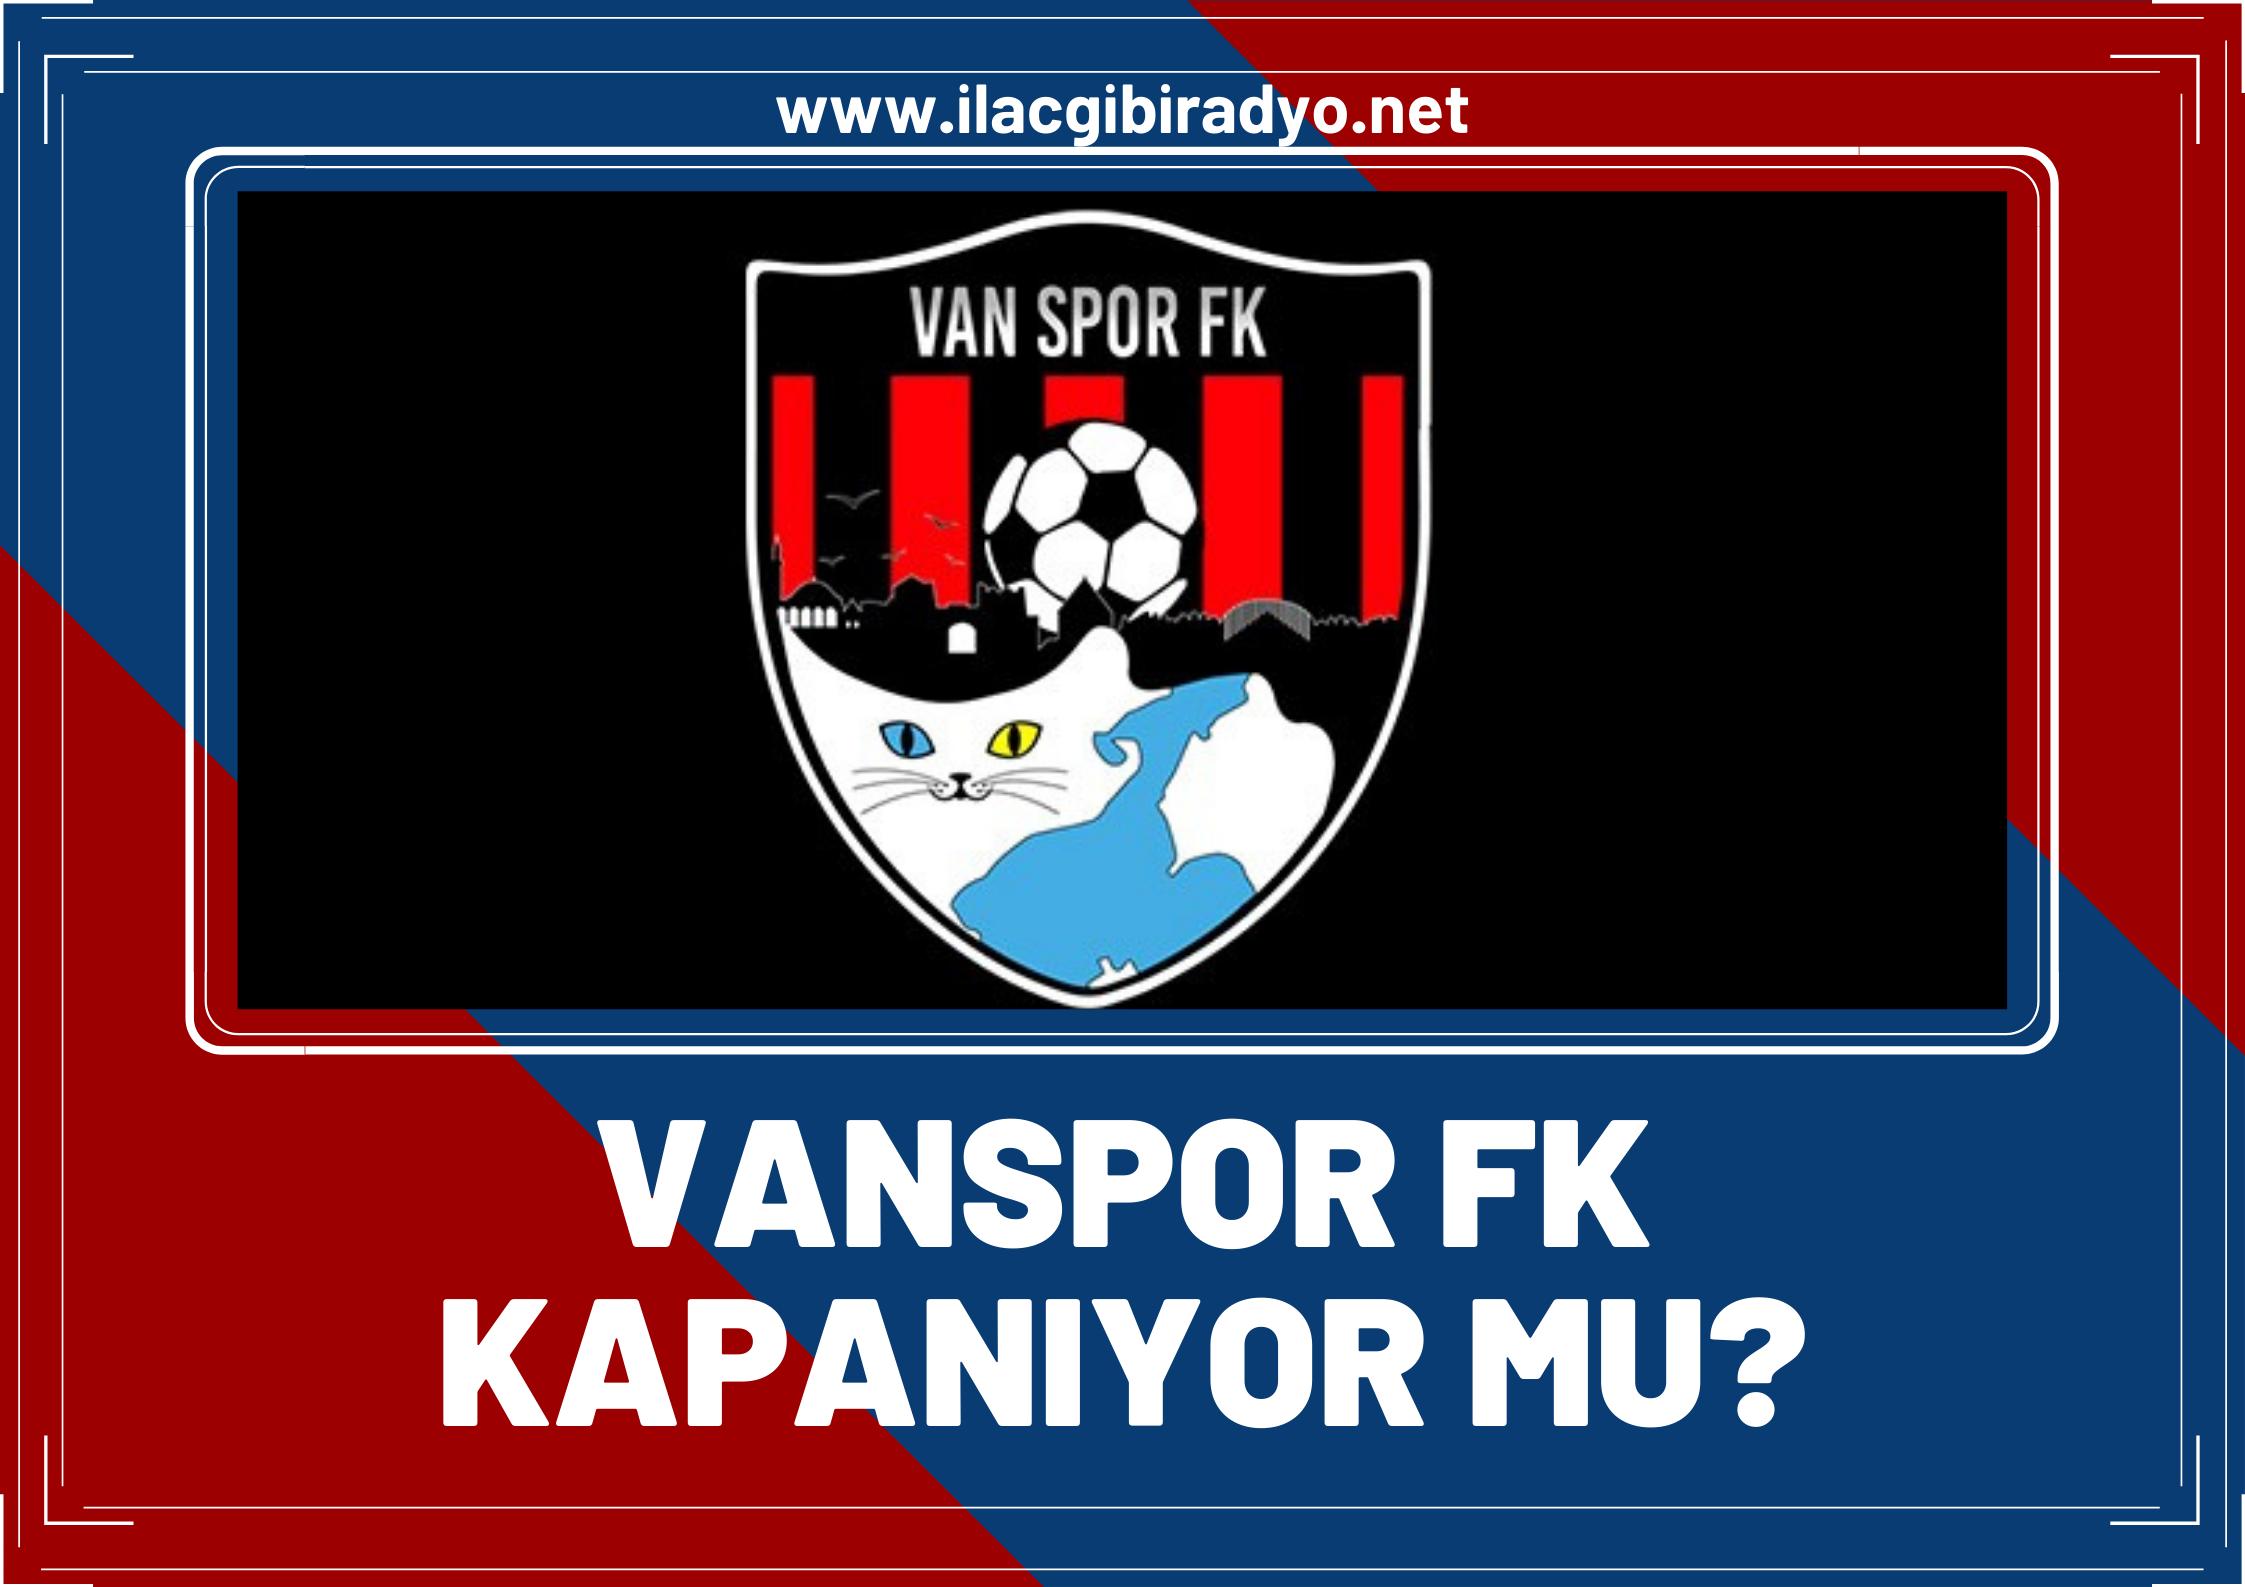 Van Spor FK kapanıyor mu? İşte detaylar